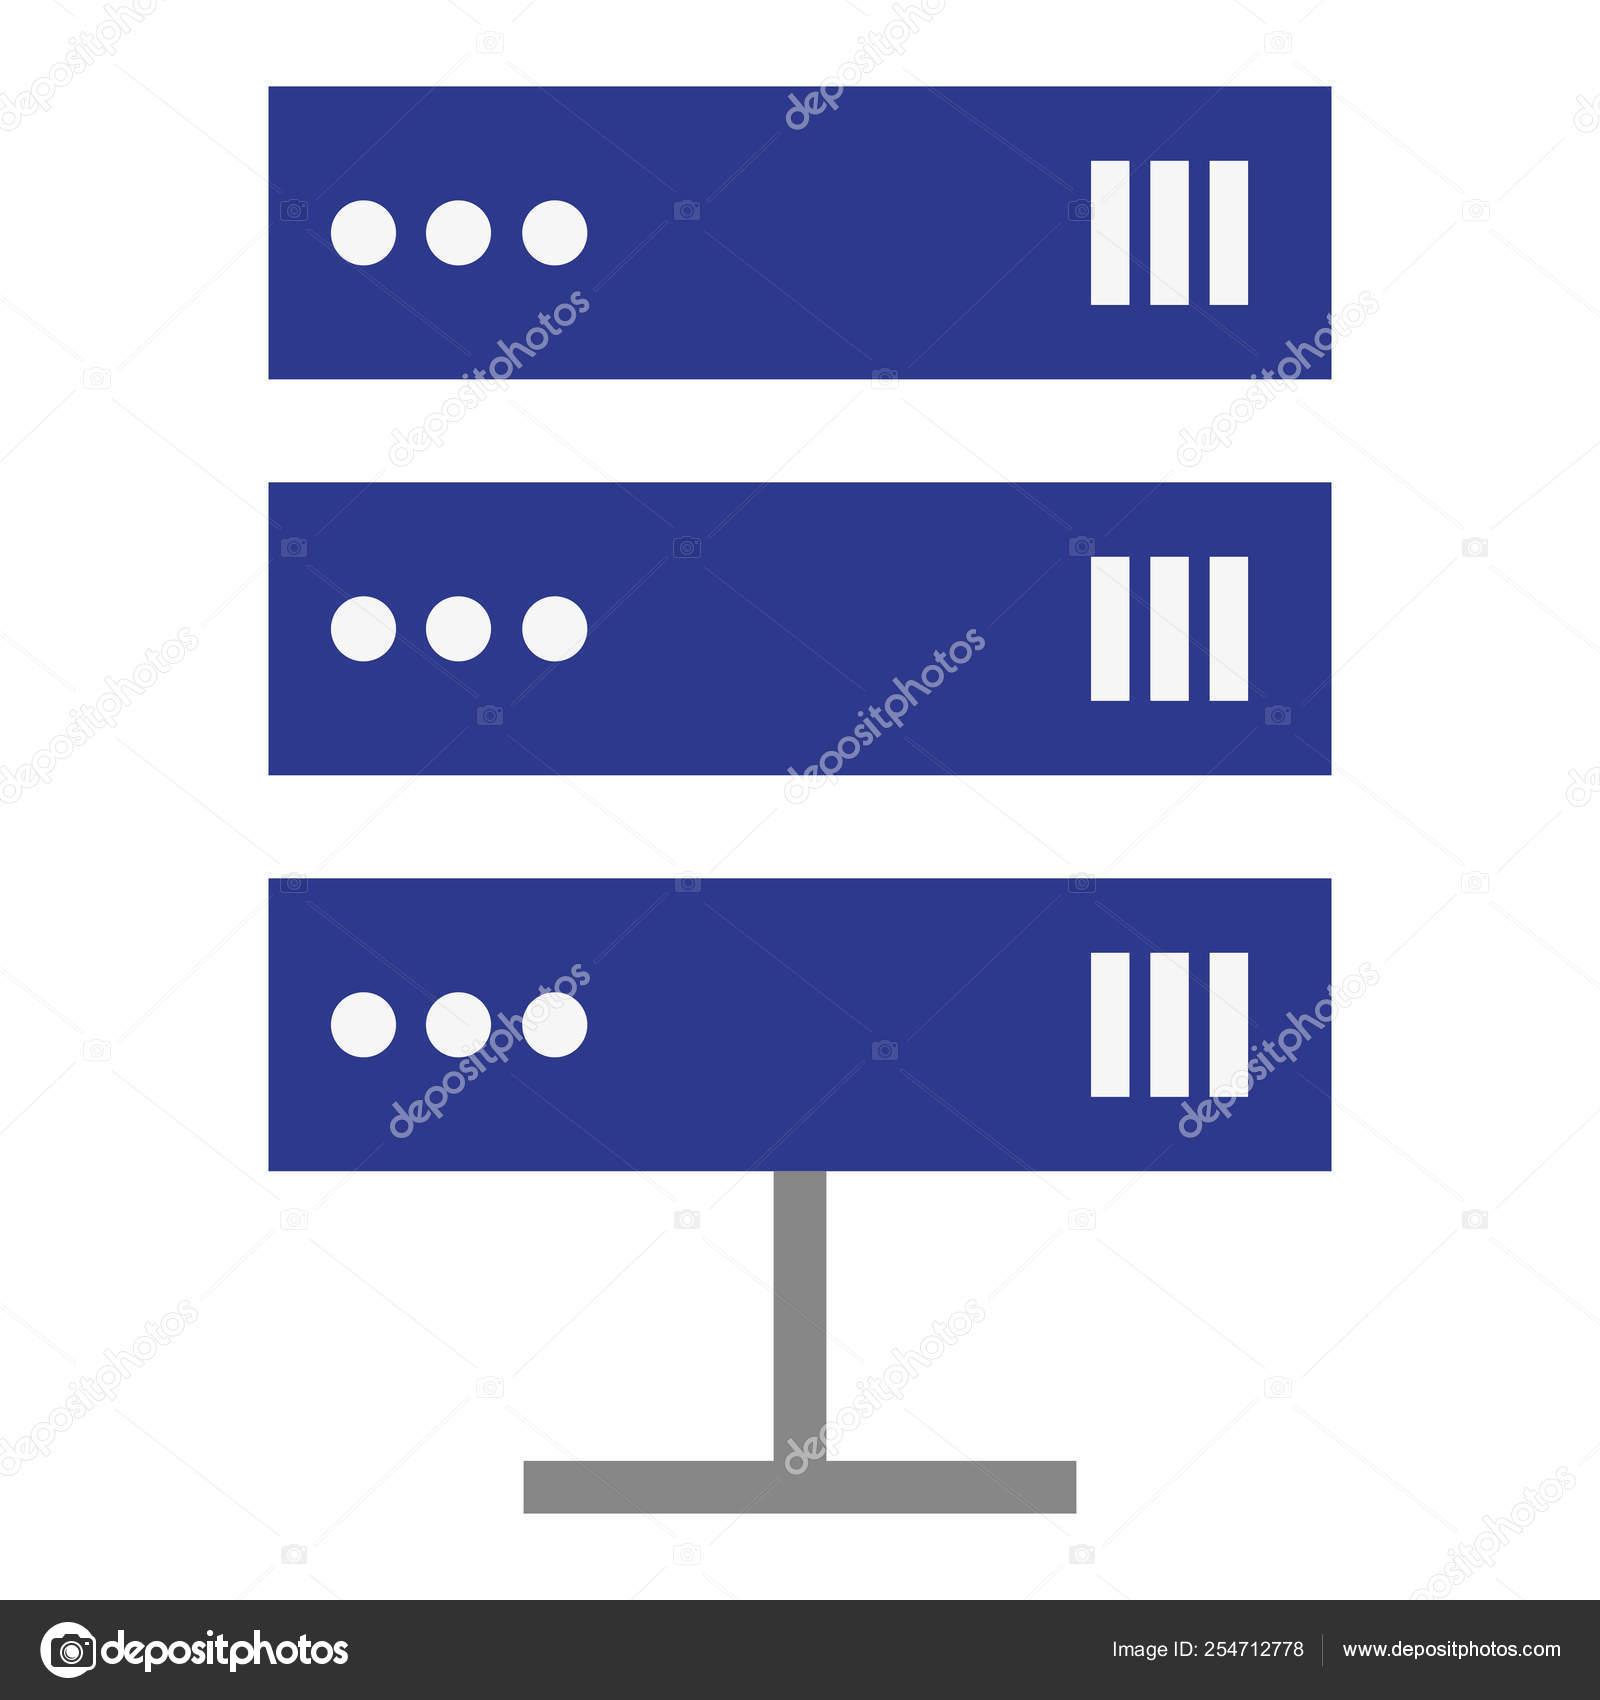 data center server icon — Stock Vector © yupiramos #254712778